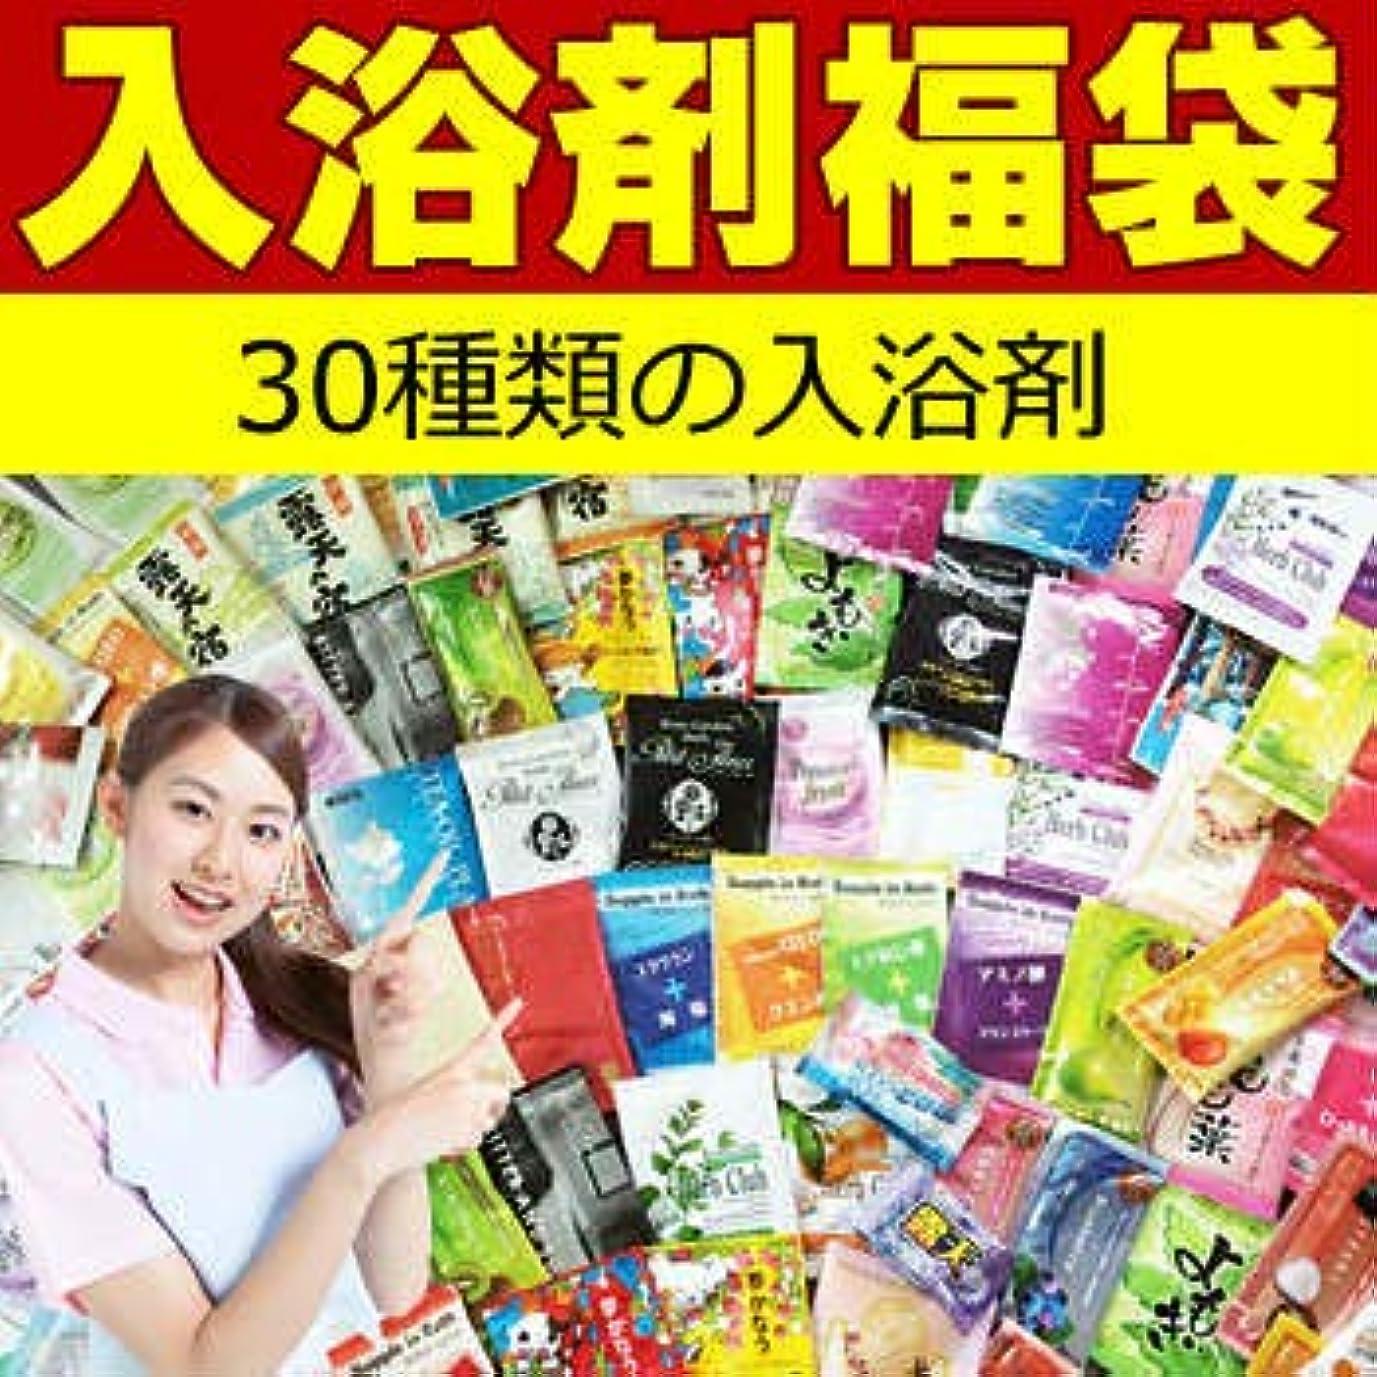 もう一度紛争承認する福袋 入浴剤 30種類30日分 日本製